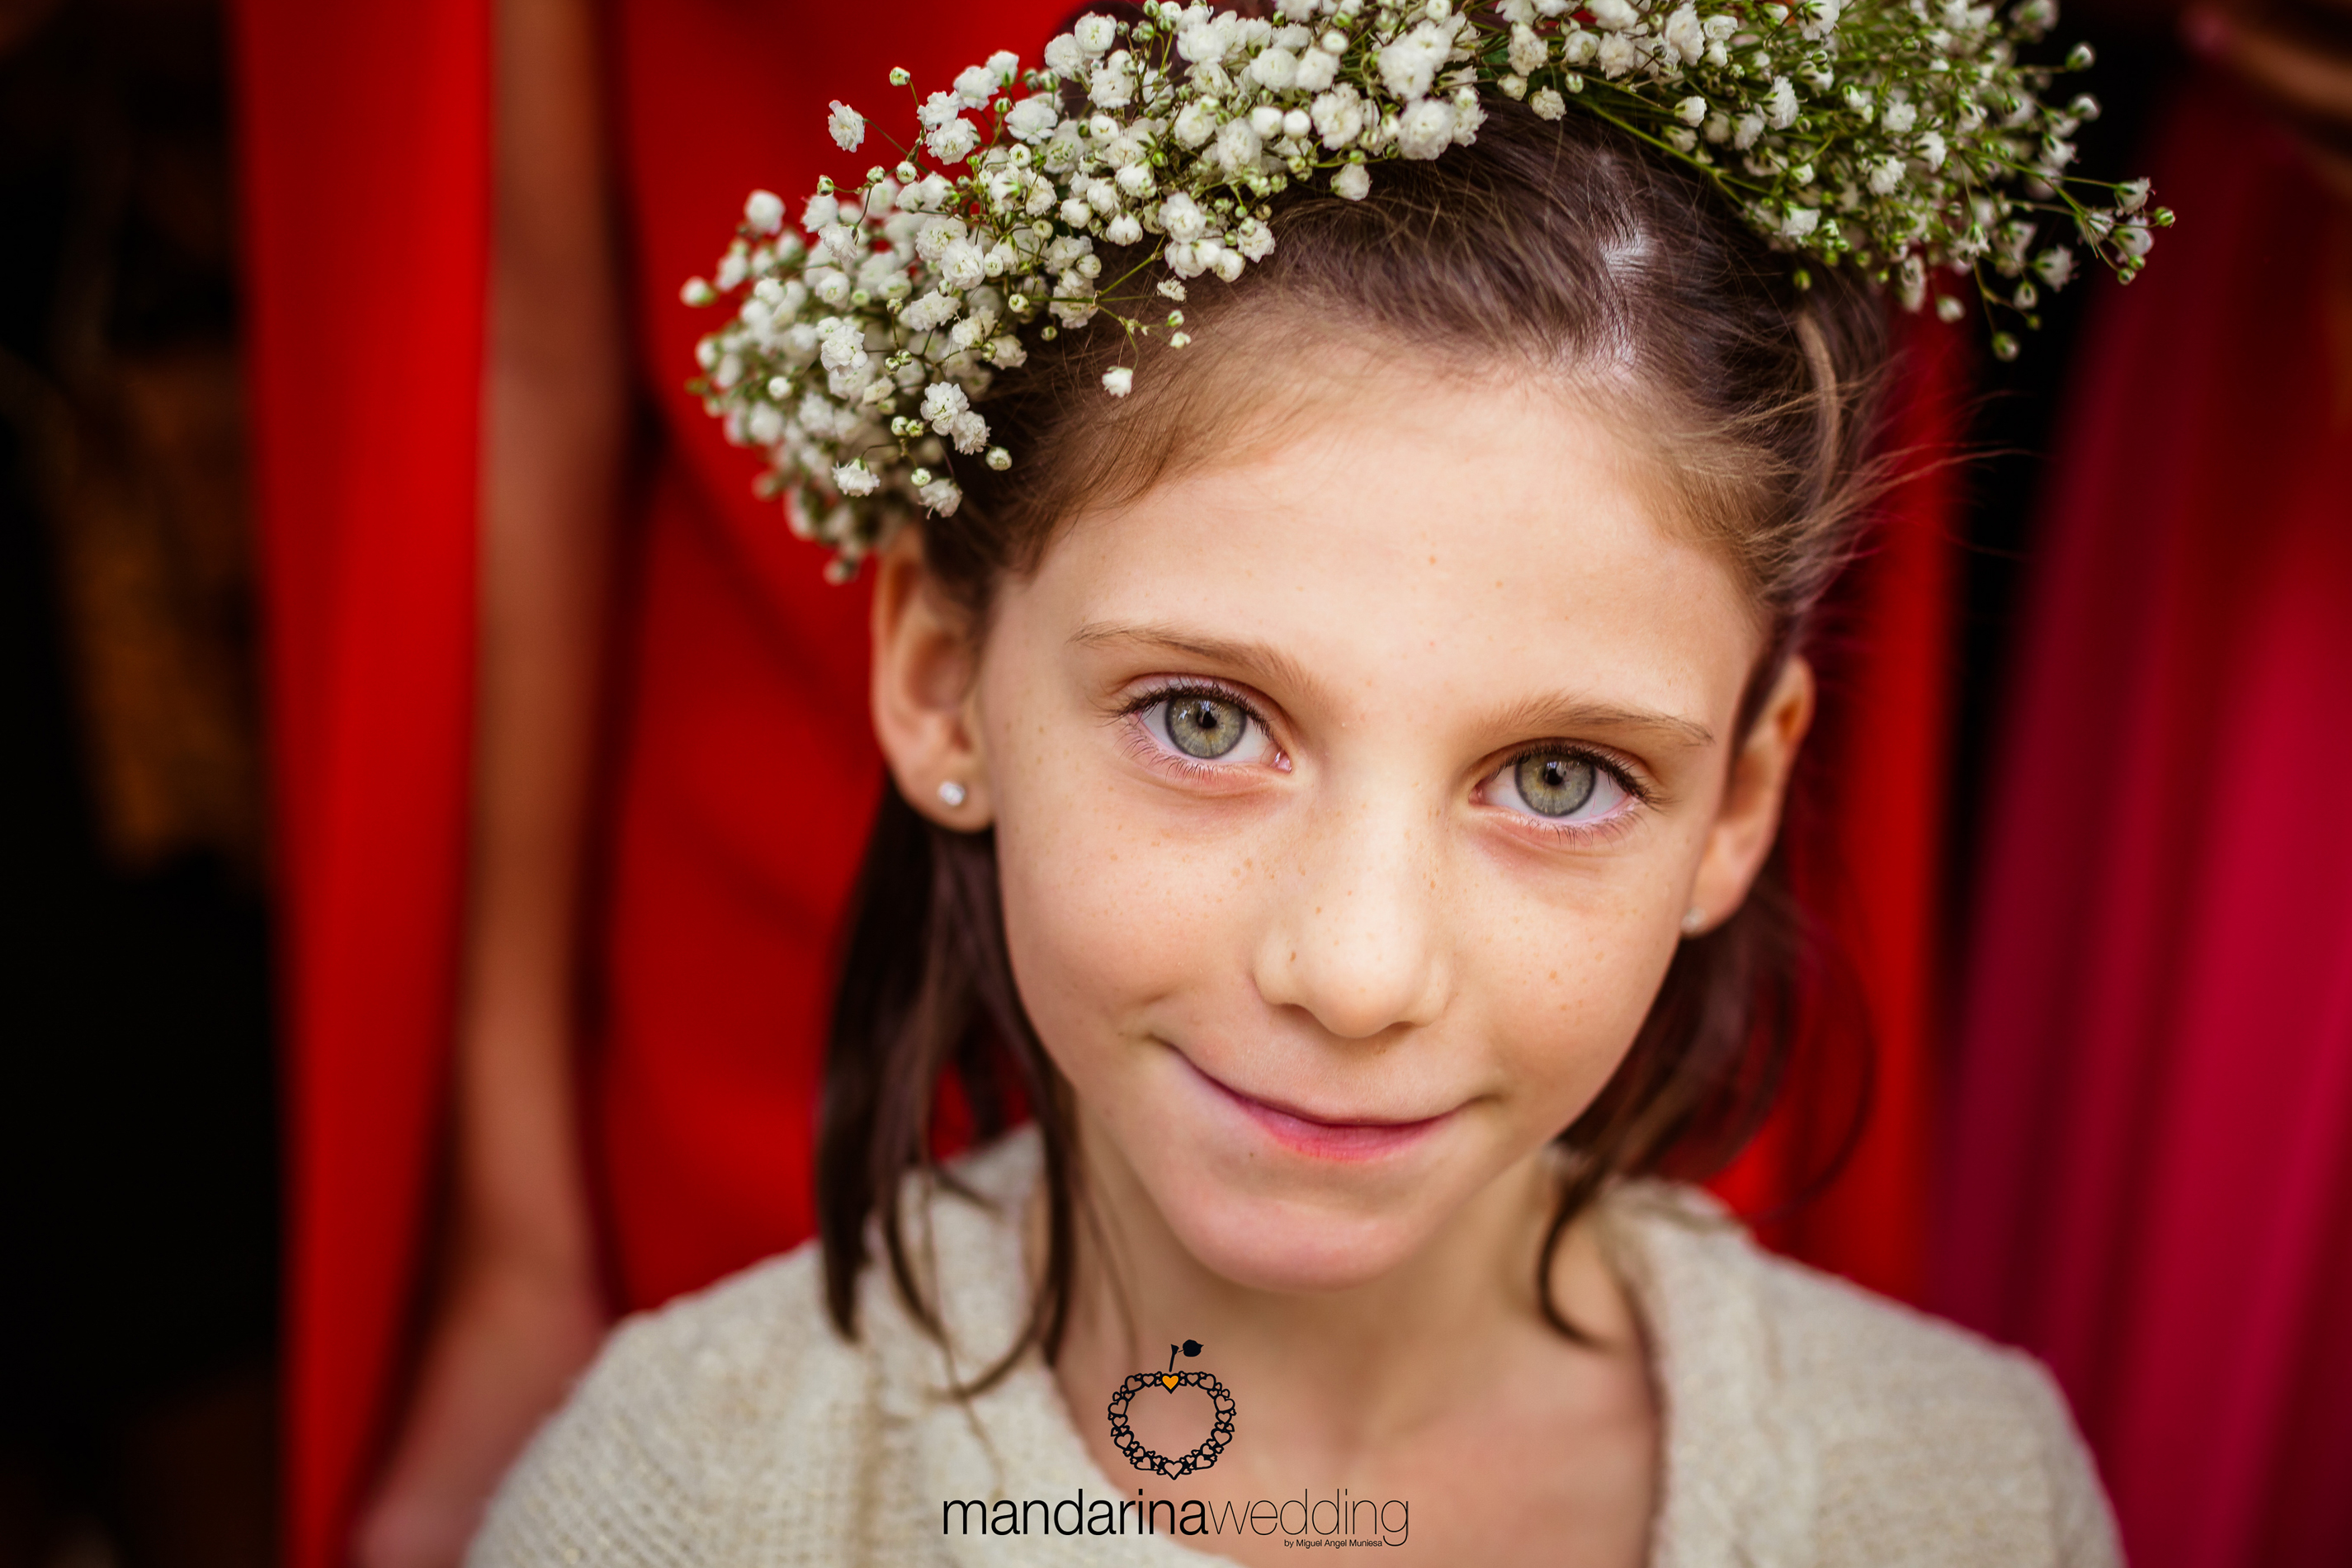 mandarina-wedding-fotografos-boda-zaragoza-bodas-fotografia-de-boda-fotografos-de-boda_18